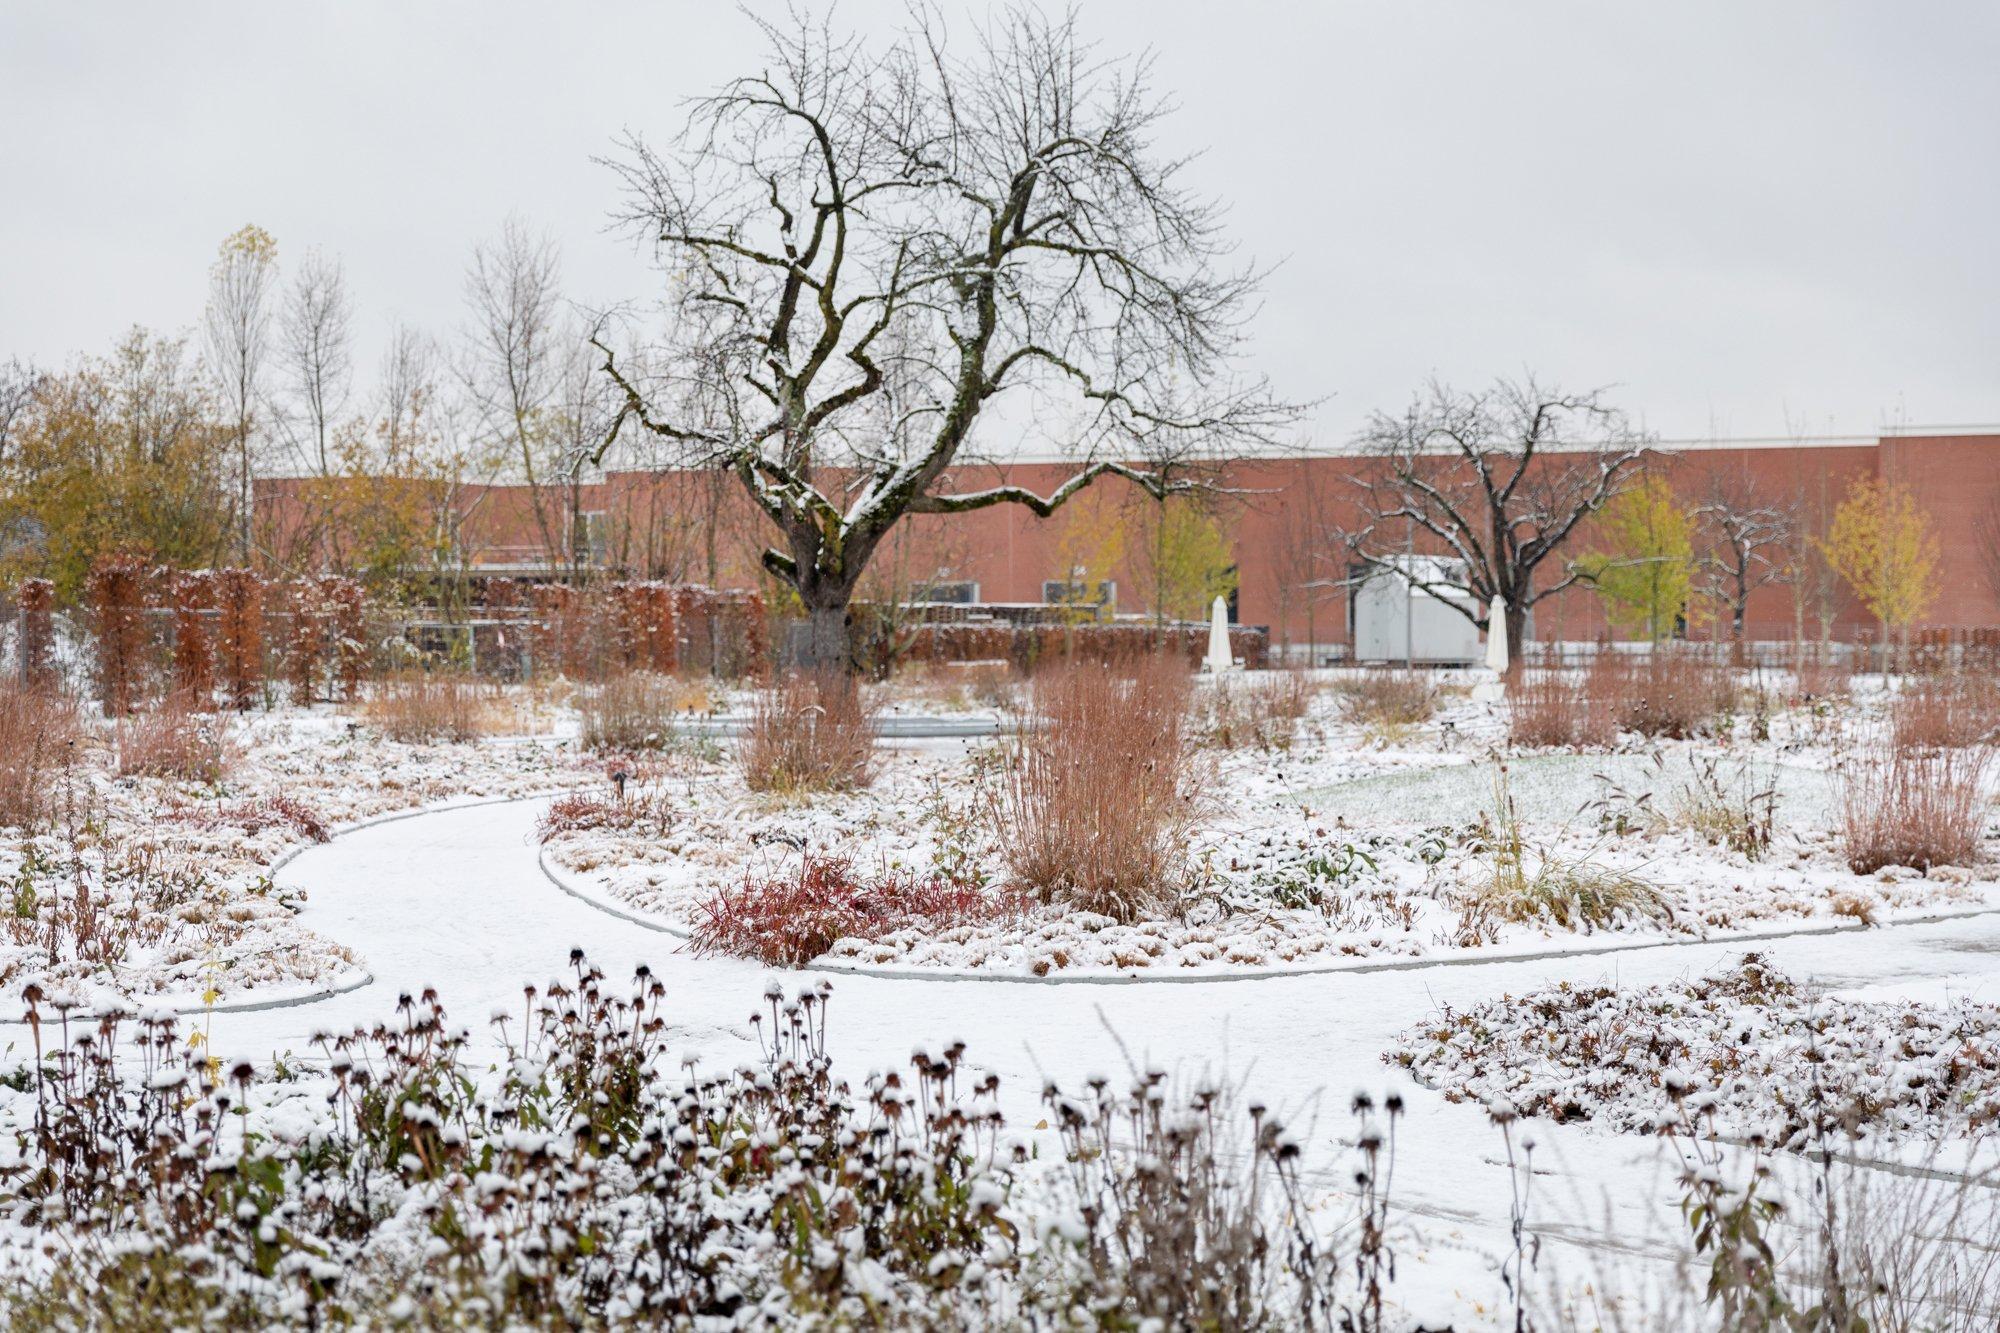 Piet Oudolf Gartenauf demVitra Campusin Weil am Rhein /Dezember 2020 / Foto: @ Vitra